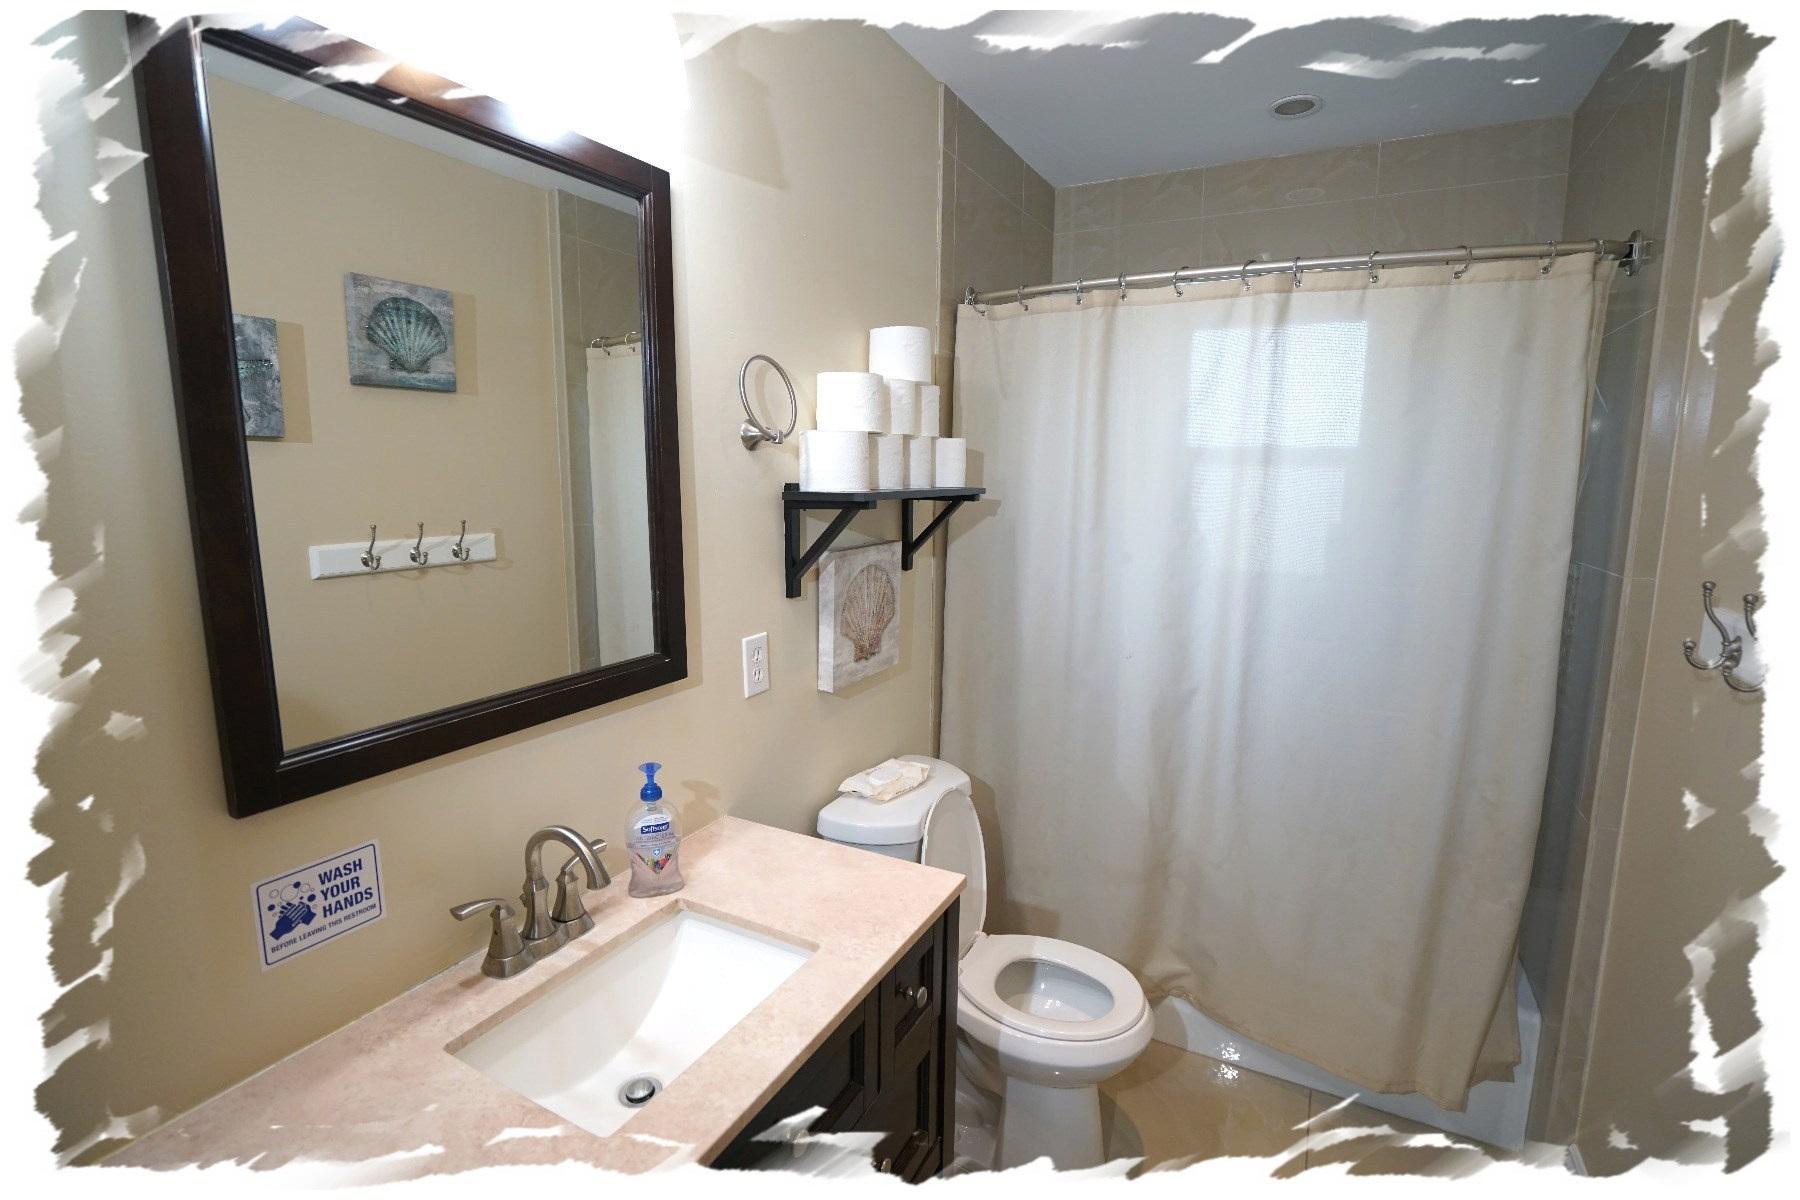 Restroom Gallery3.jpg